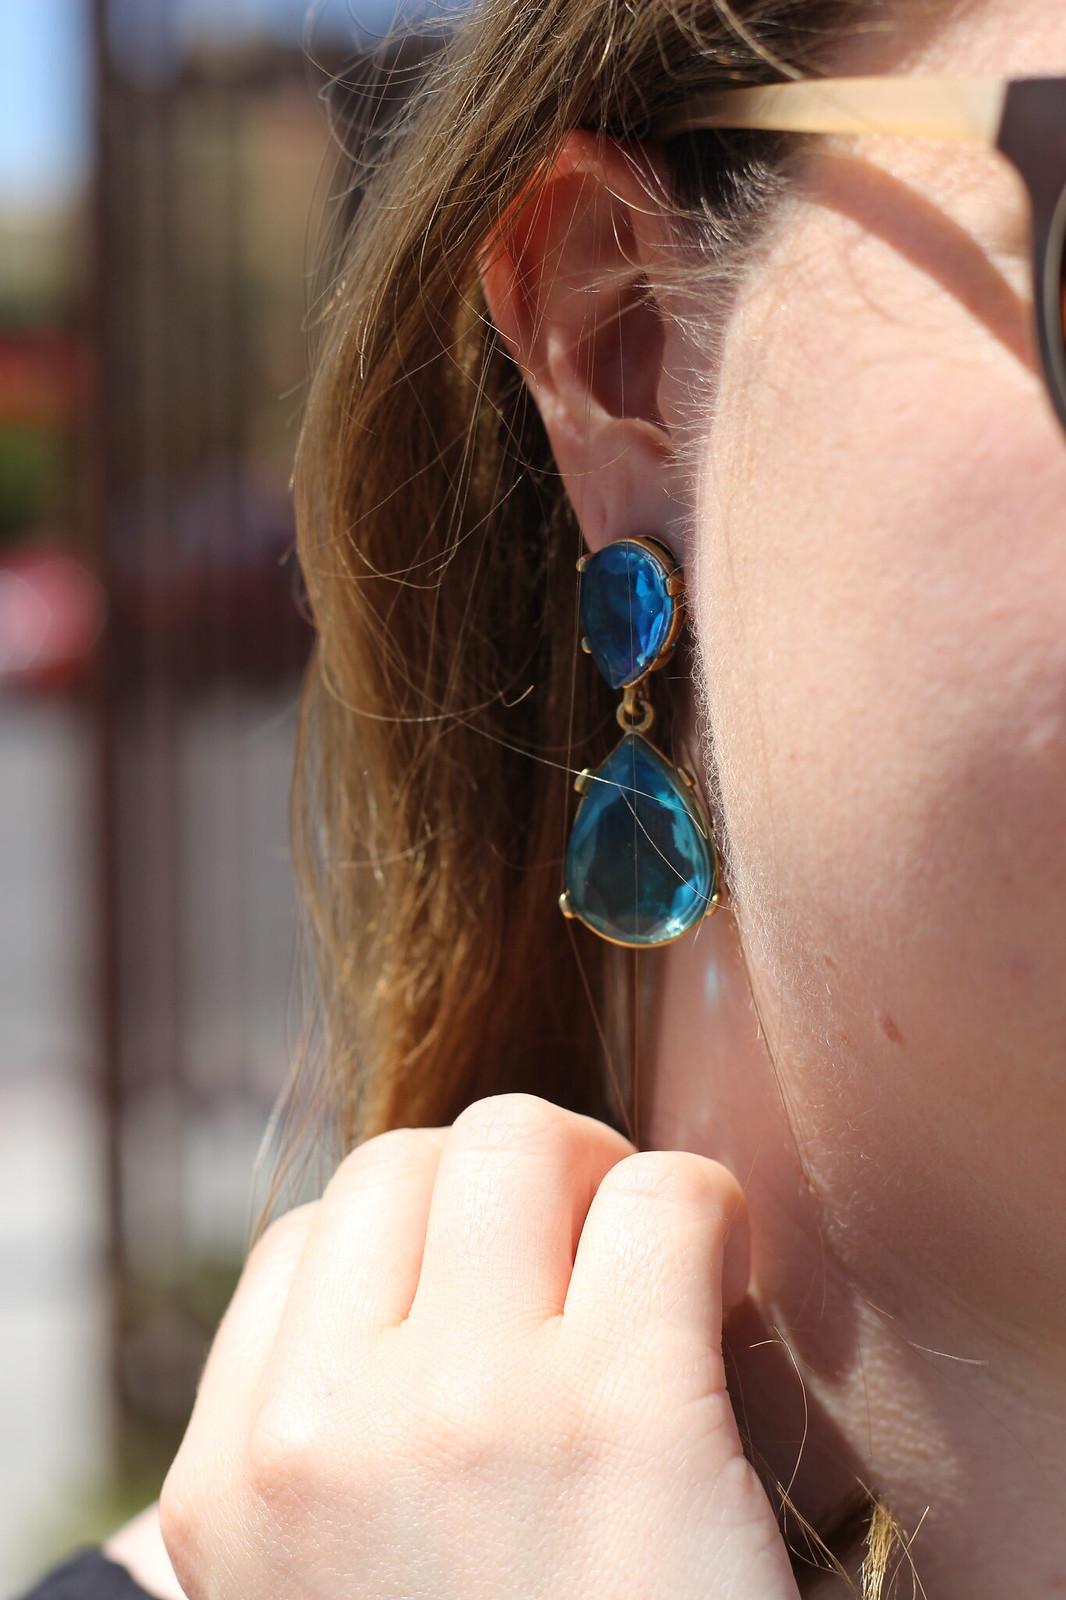 Teal Loren Hope Earrings